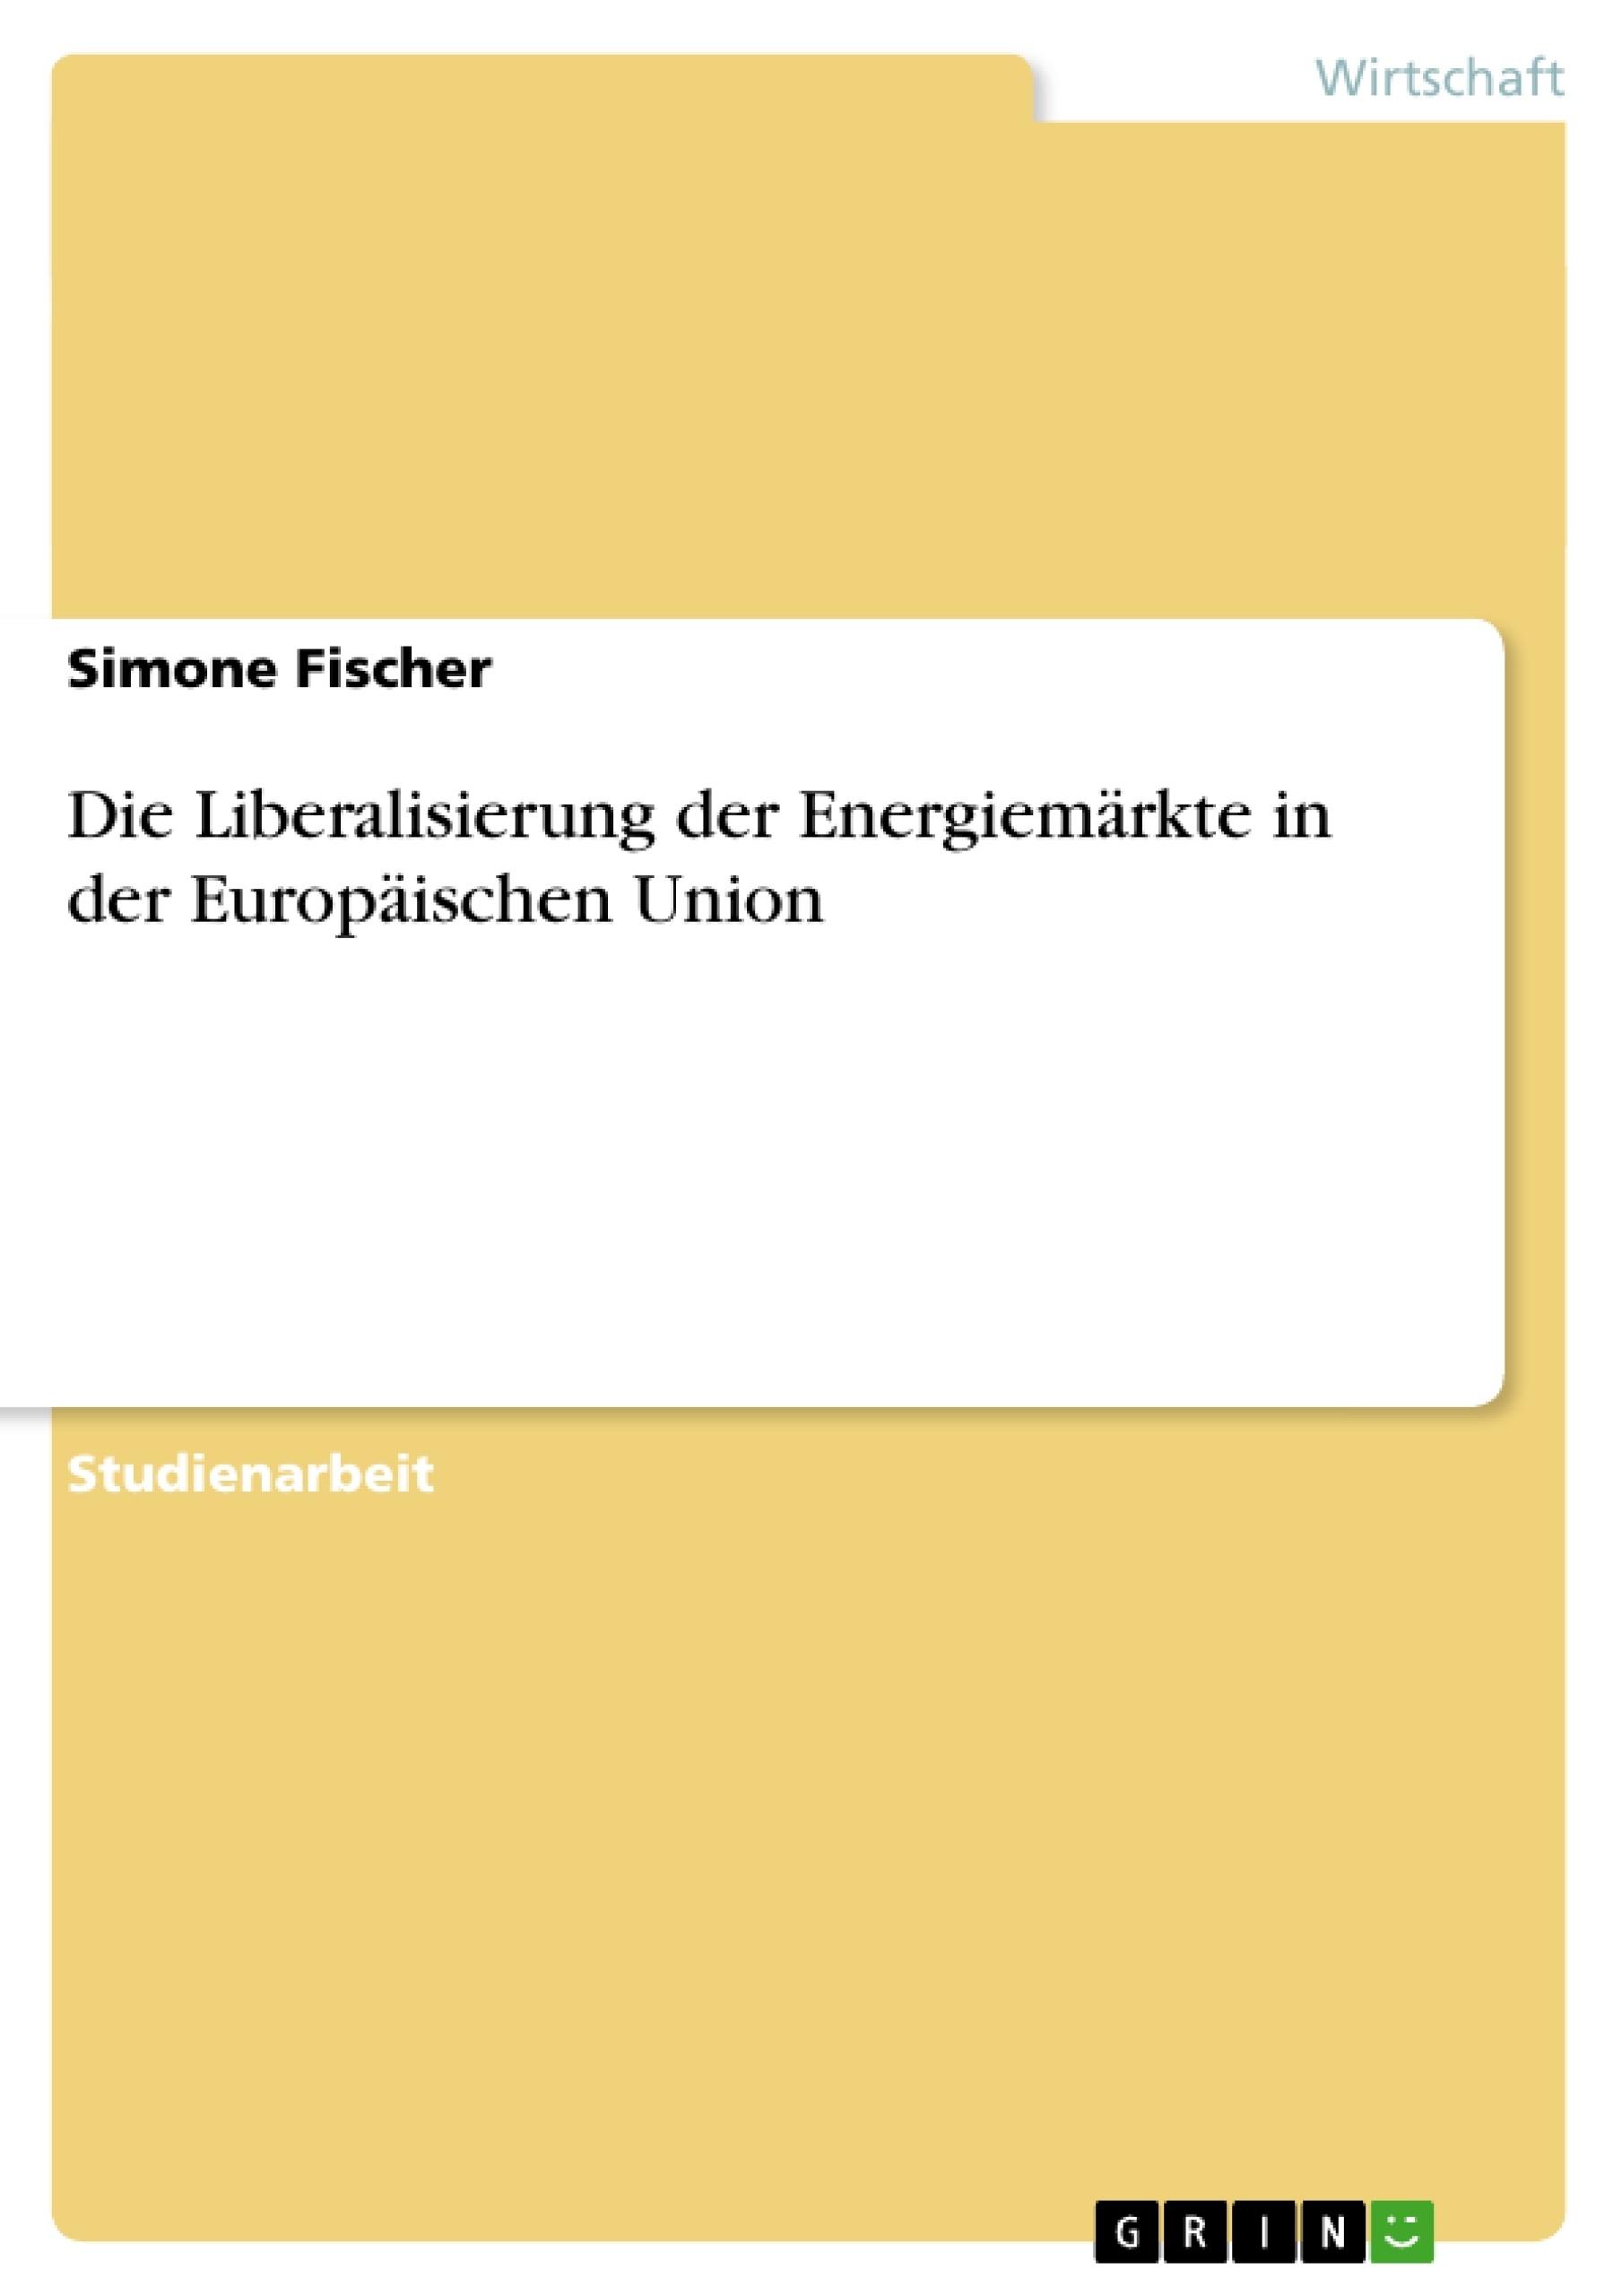 Titel: Die Liberalisierung der Energiemärkte in der Europäischen Union